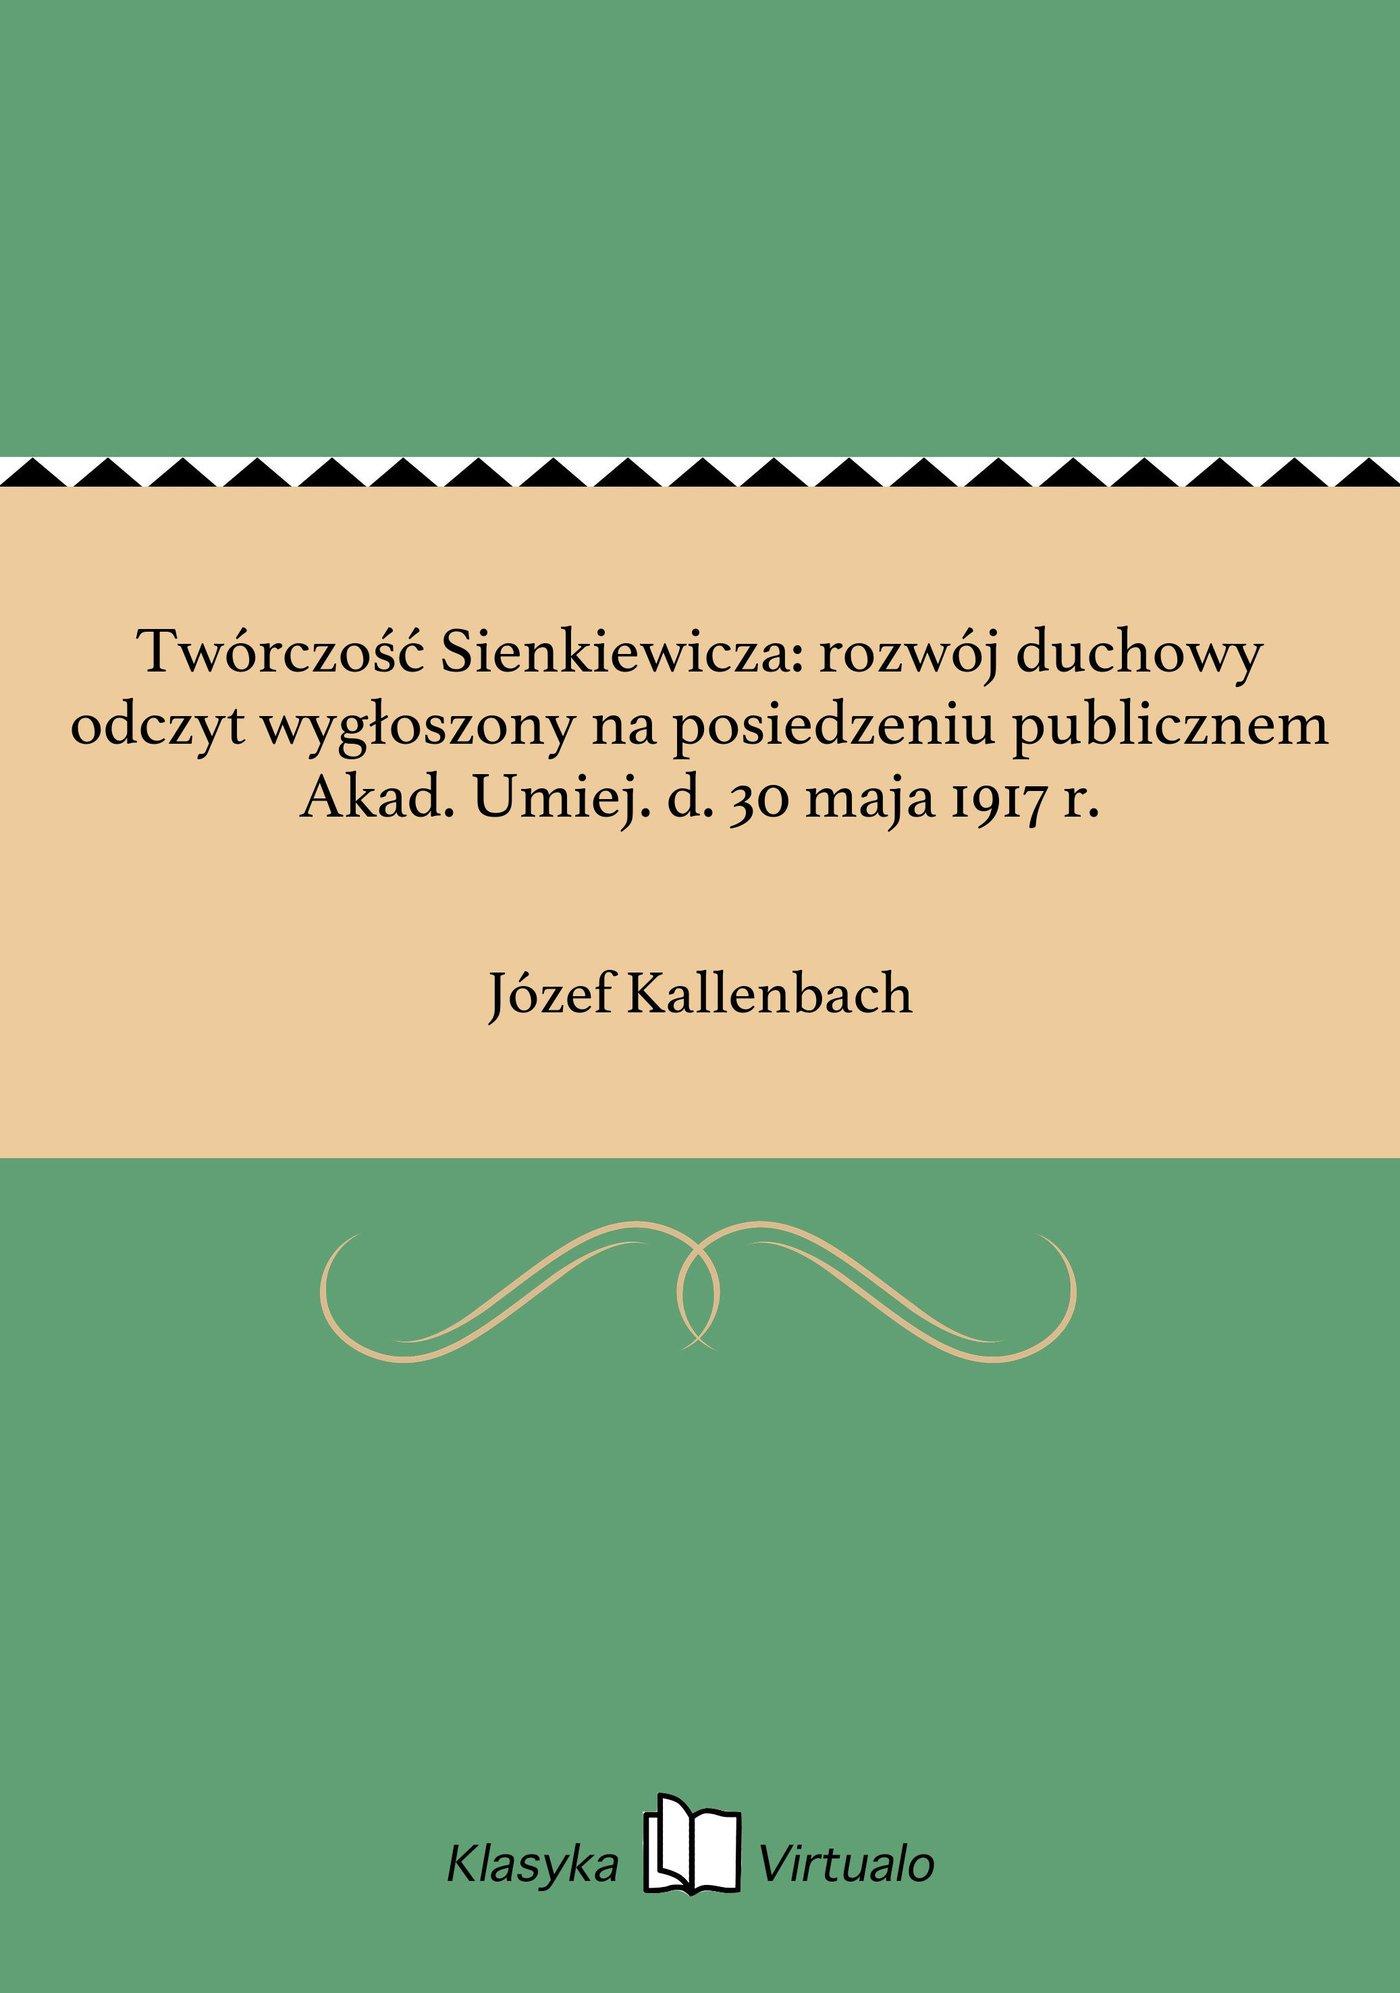 Twórczość Sienkiewicza: rozwój duchowy odczyt wygłoszony na posiedzeniu publicznem Akad. Umiej. d. 30 maja 1917 r. - Ebook (Książka EPUB) do pobrania w formacie EPUB